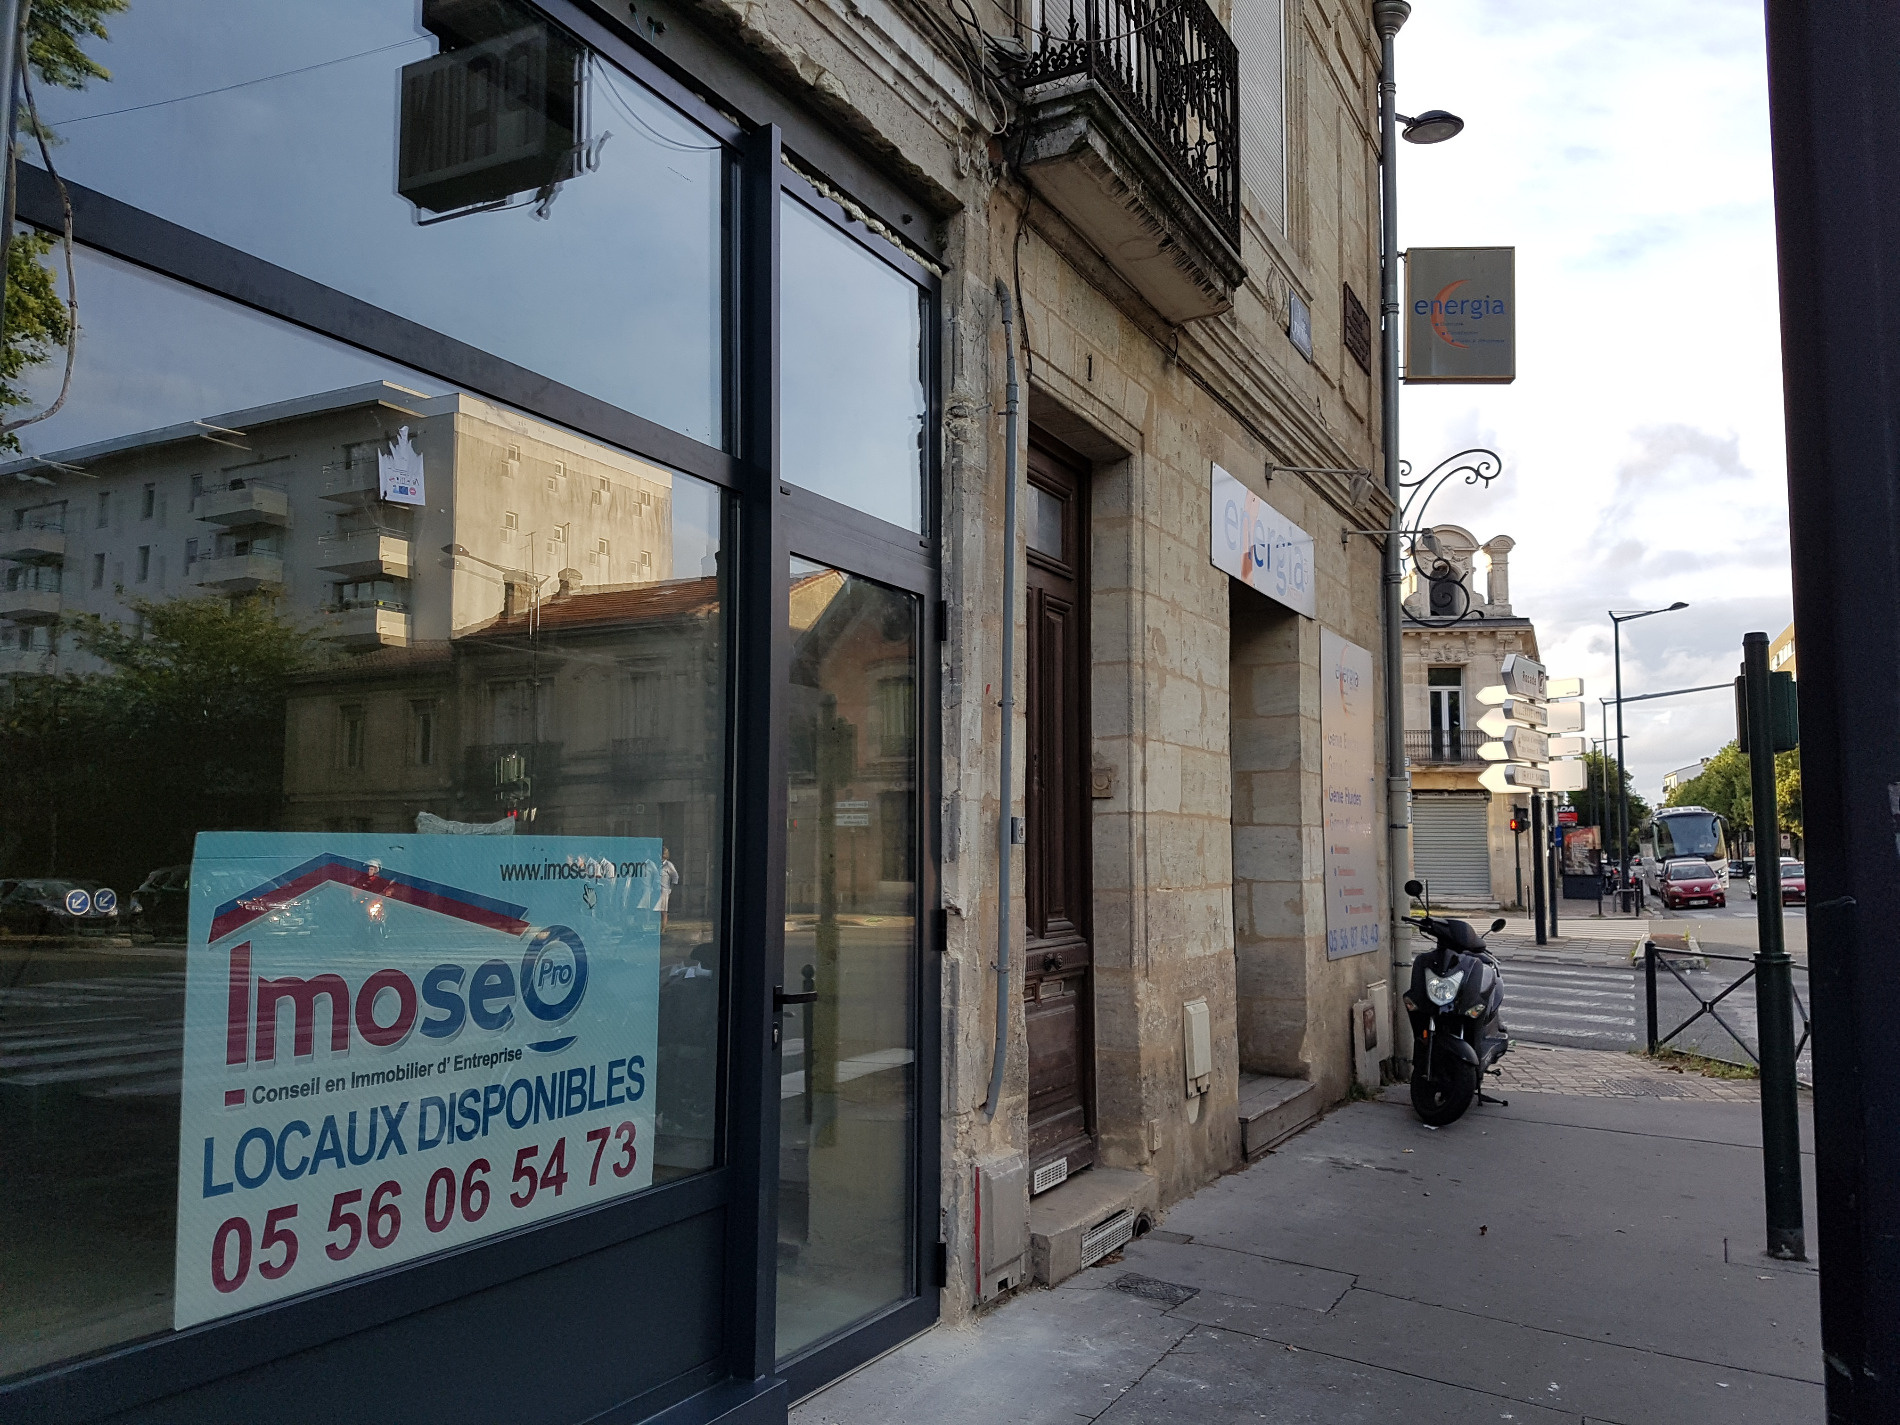 Vente Immobilier Professionnel Local commercial Bordeaux (33800)